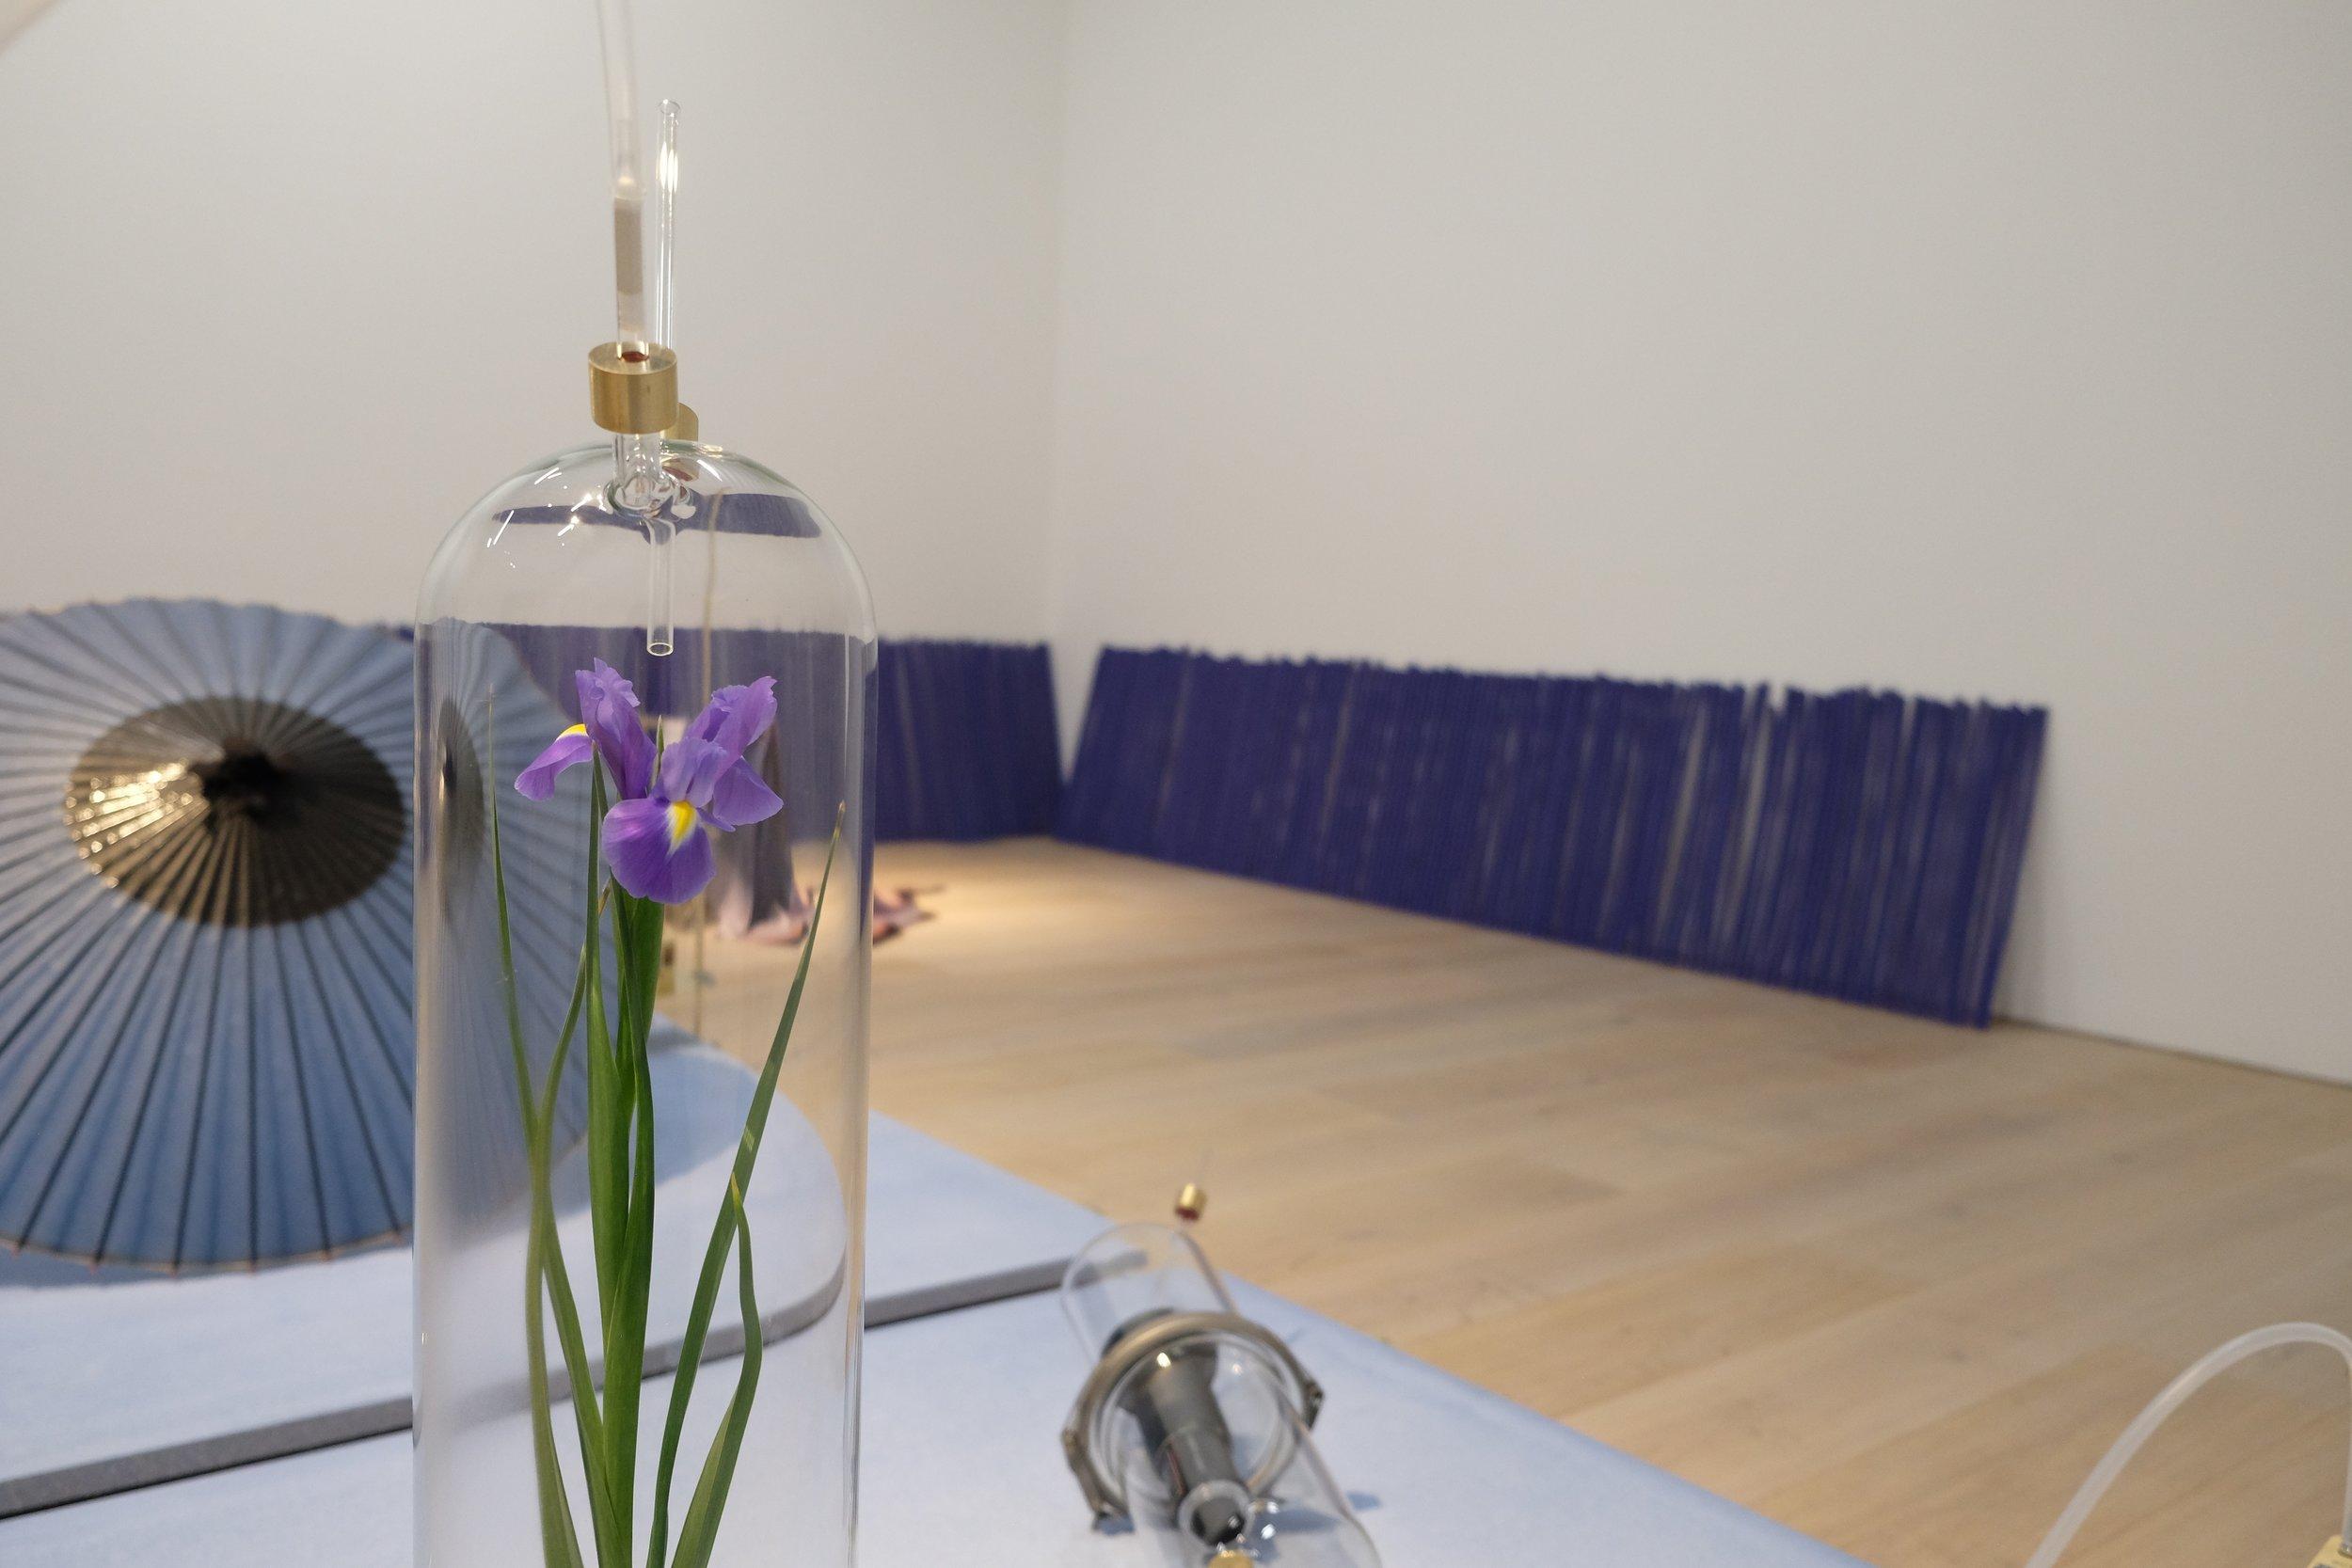 Dane Mitchell,  Iris, Iris, Iris  2017 Installation view: 'MAM Project 024: Dane Mitchell', Mori Art Museum, Tokyo, 2017